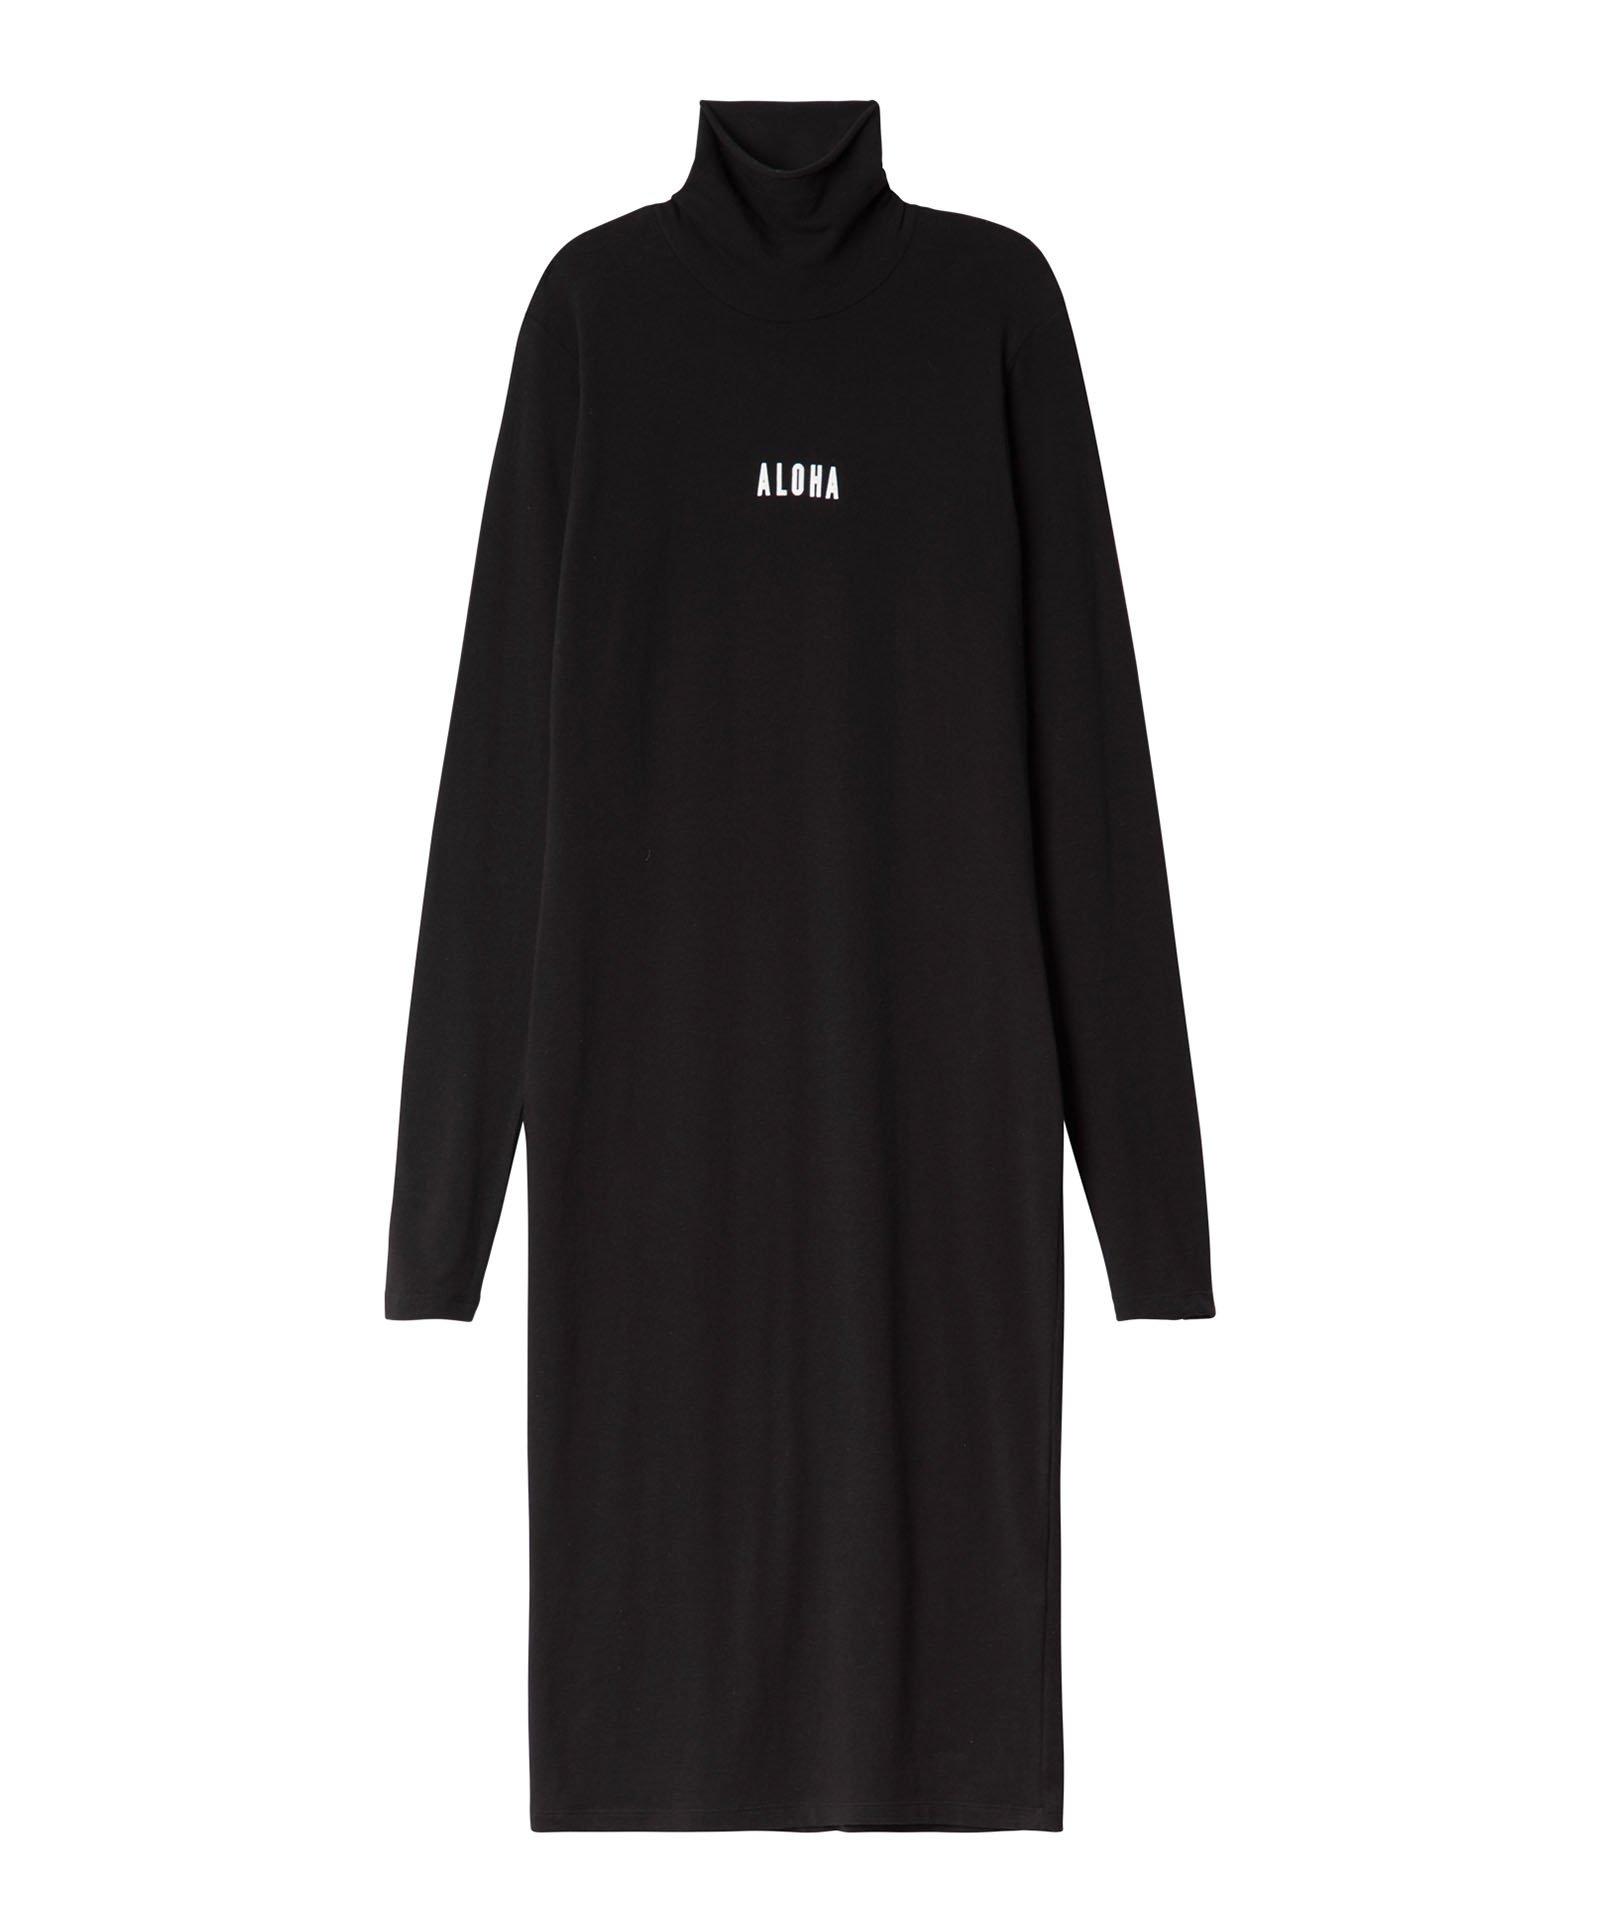 10 Days jurk 20-332-0201 in het Zwart